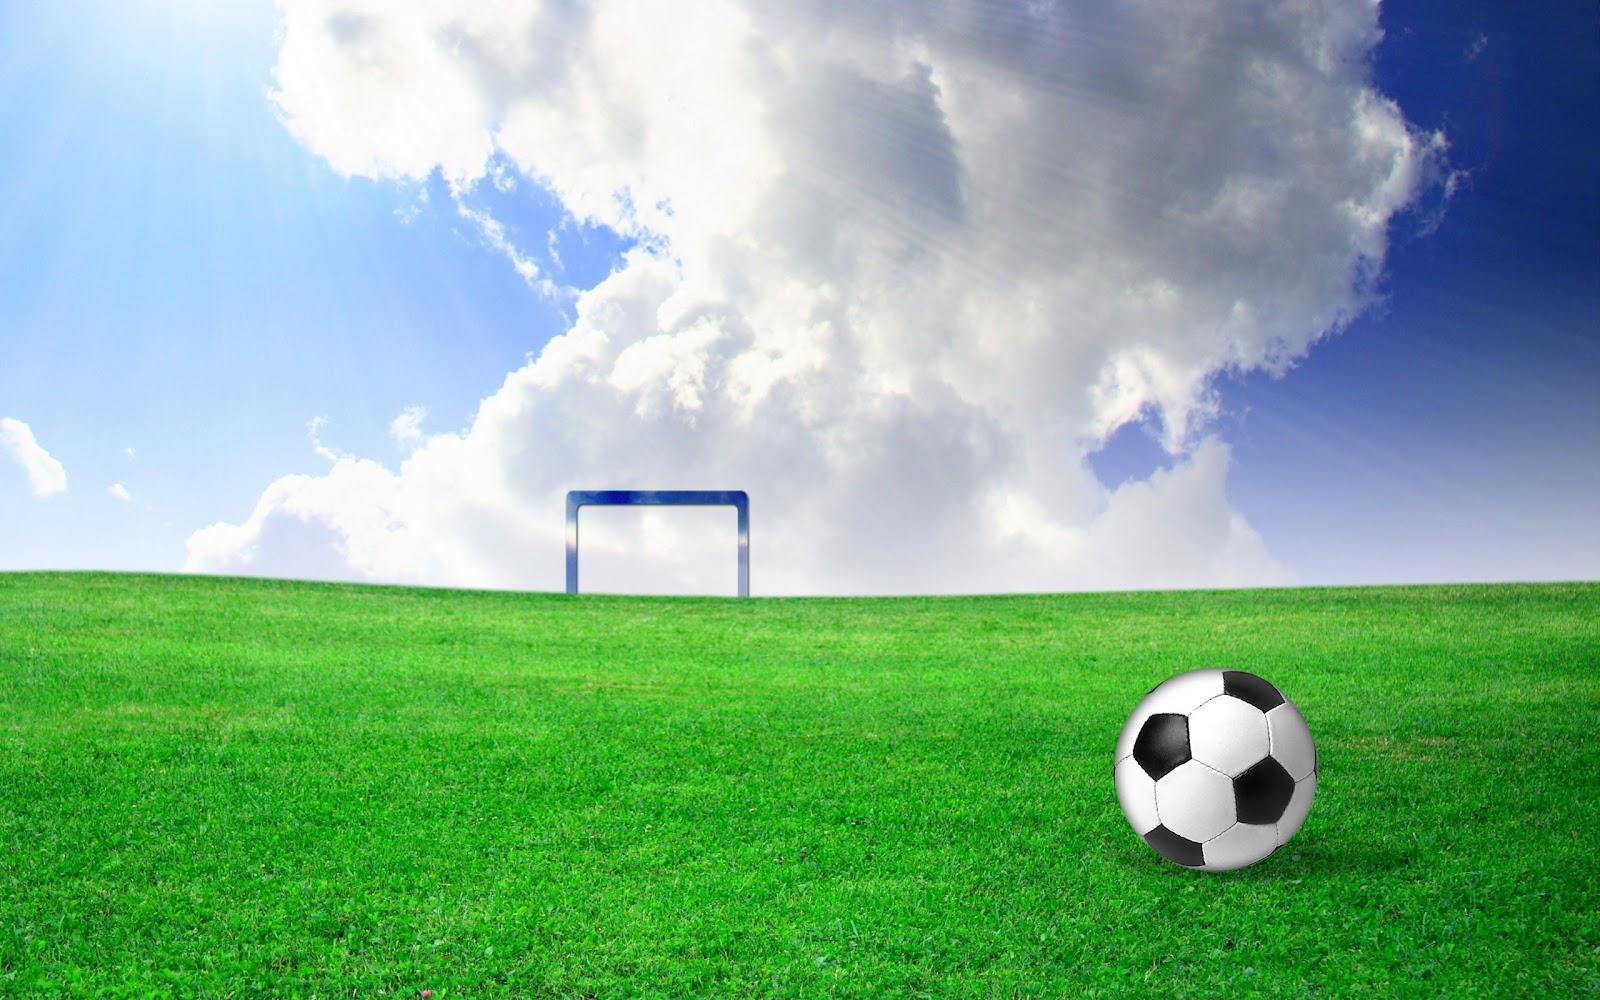 Background bóng đá và cầu môn